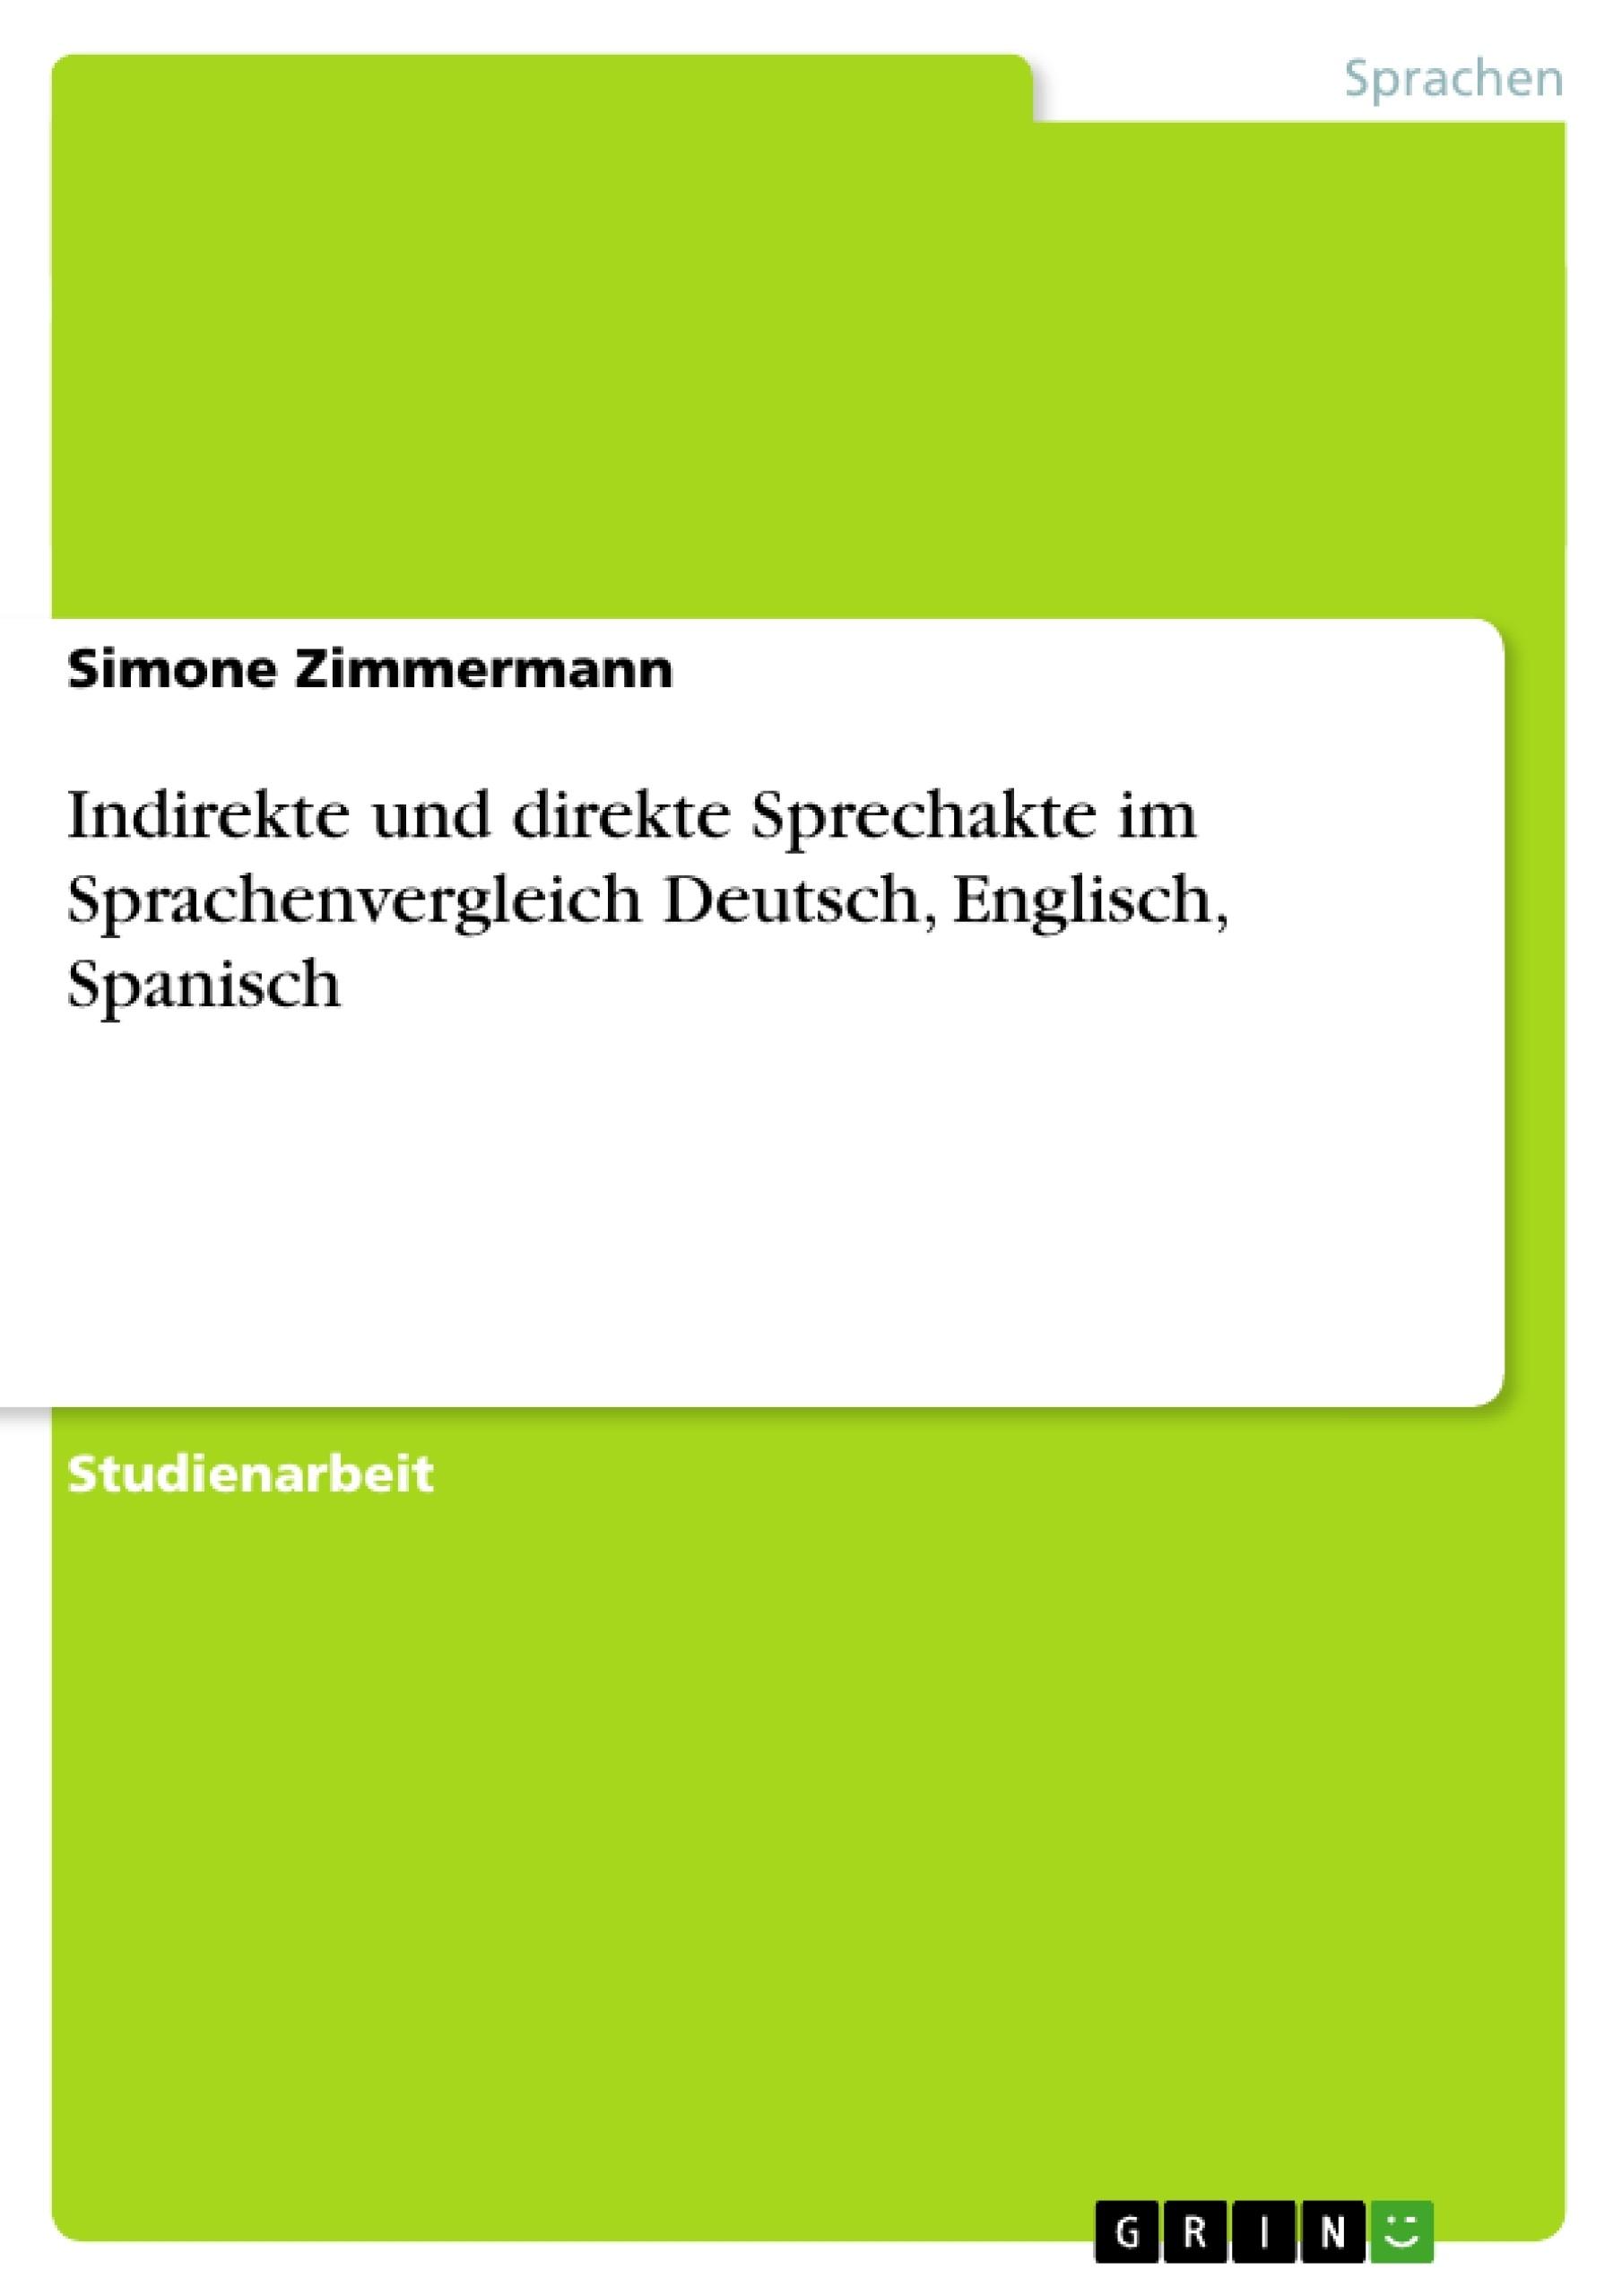 Titel: Indirekte und direkte Sprechakte im Sprachenvergleich Deutsch, Englisch, Spanisch